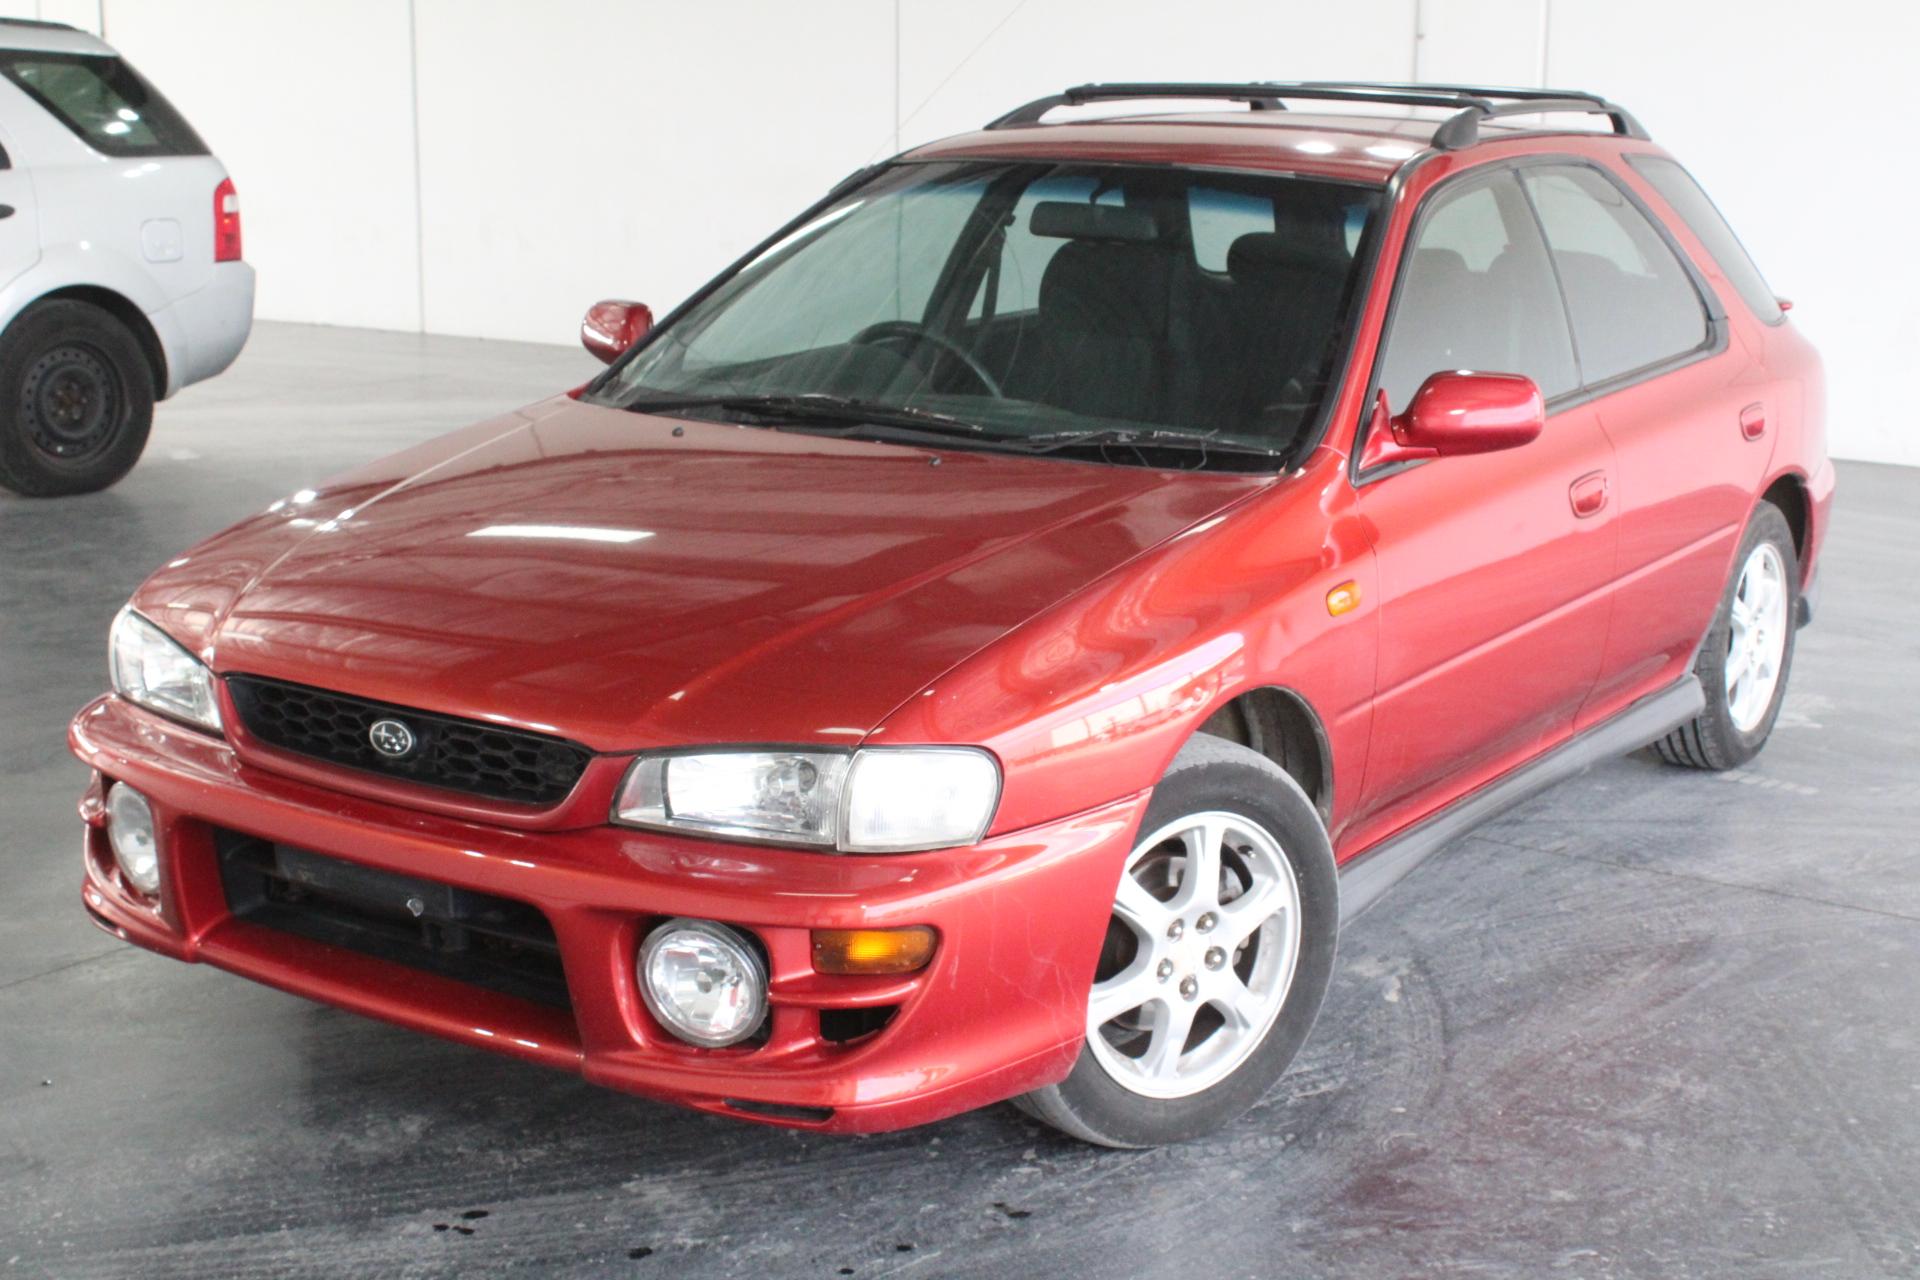 2000 Subaru Impreza RX (AWD) Automatic Hatchback